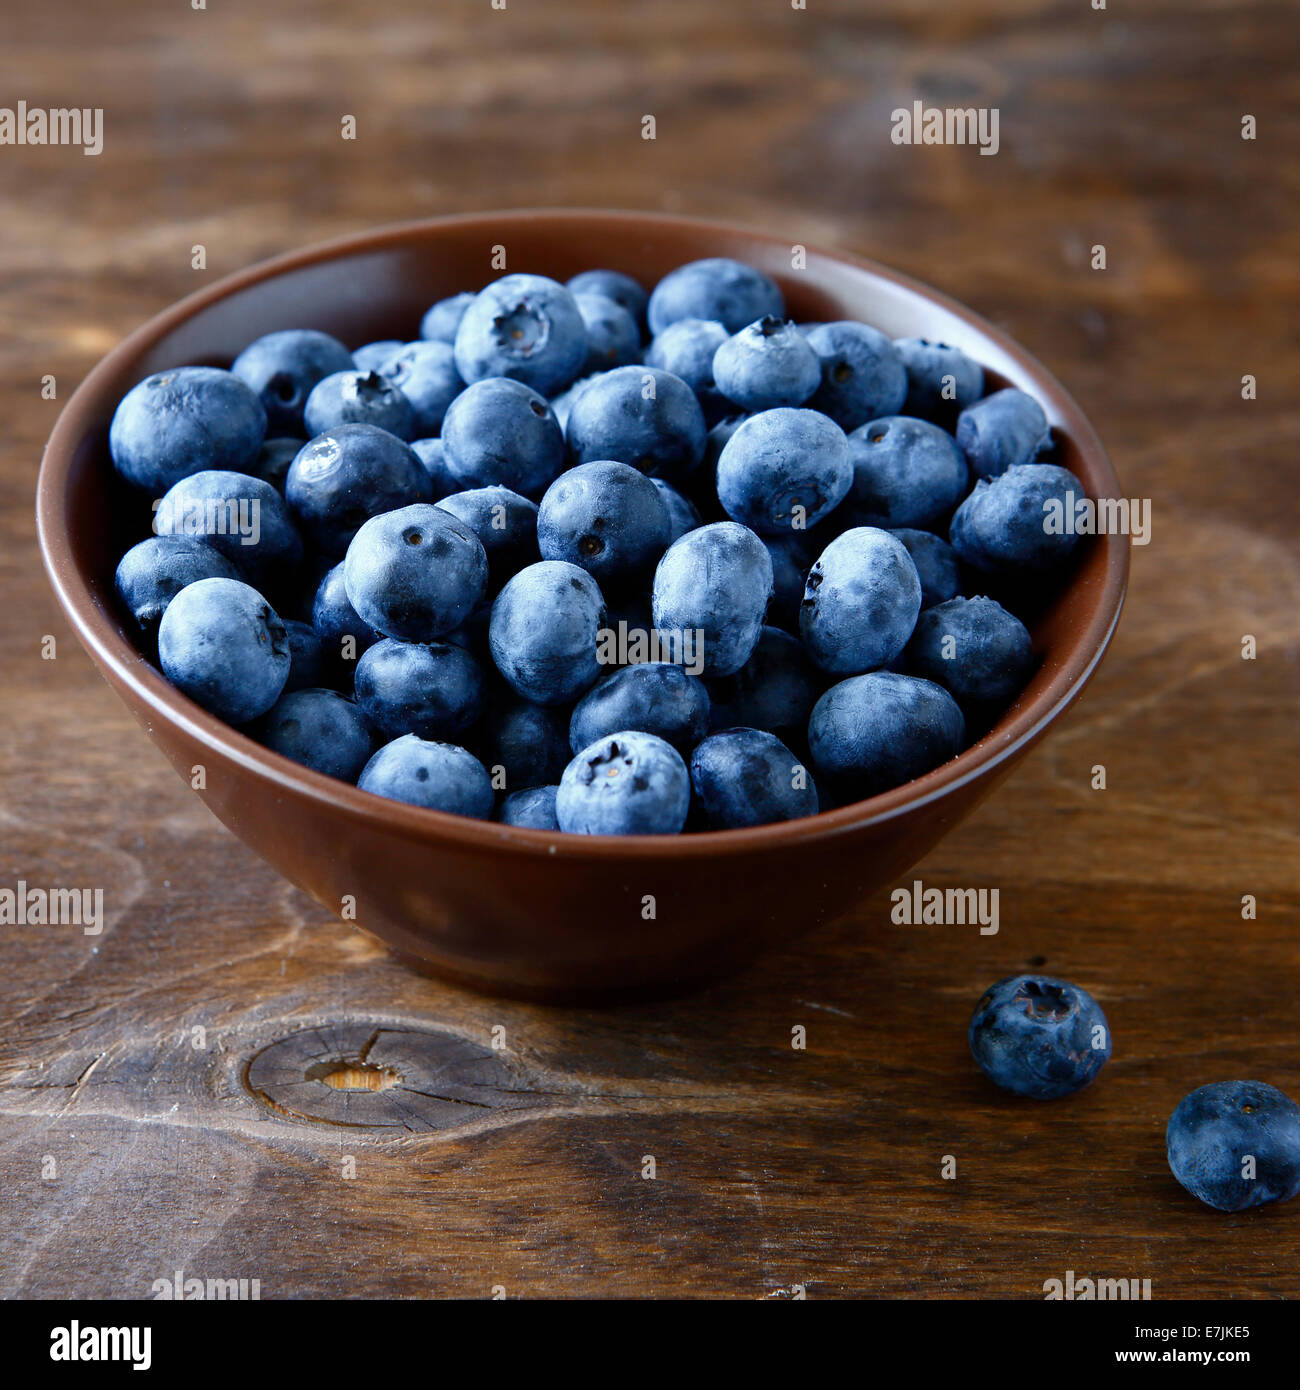 Bleuets frais dans un bol de planches de bois, des aliments sains Photo Stock